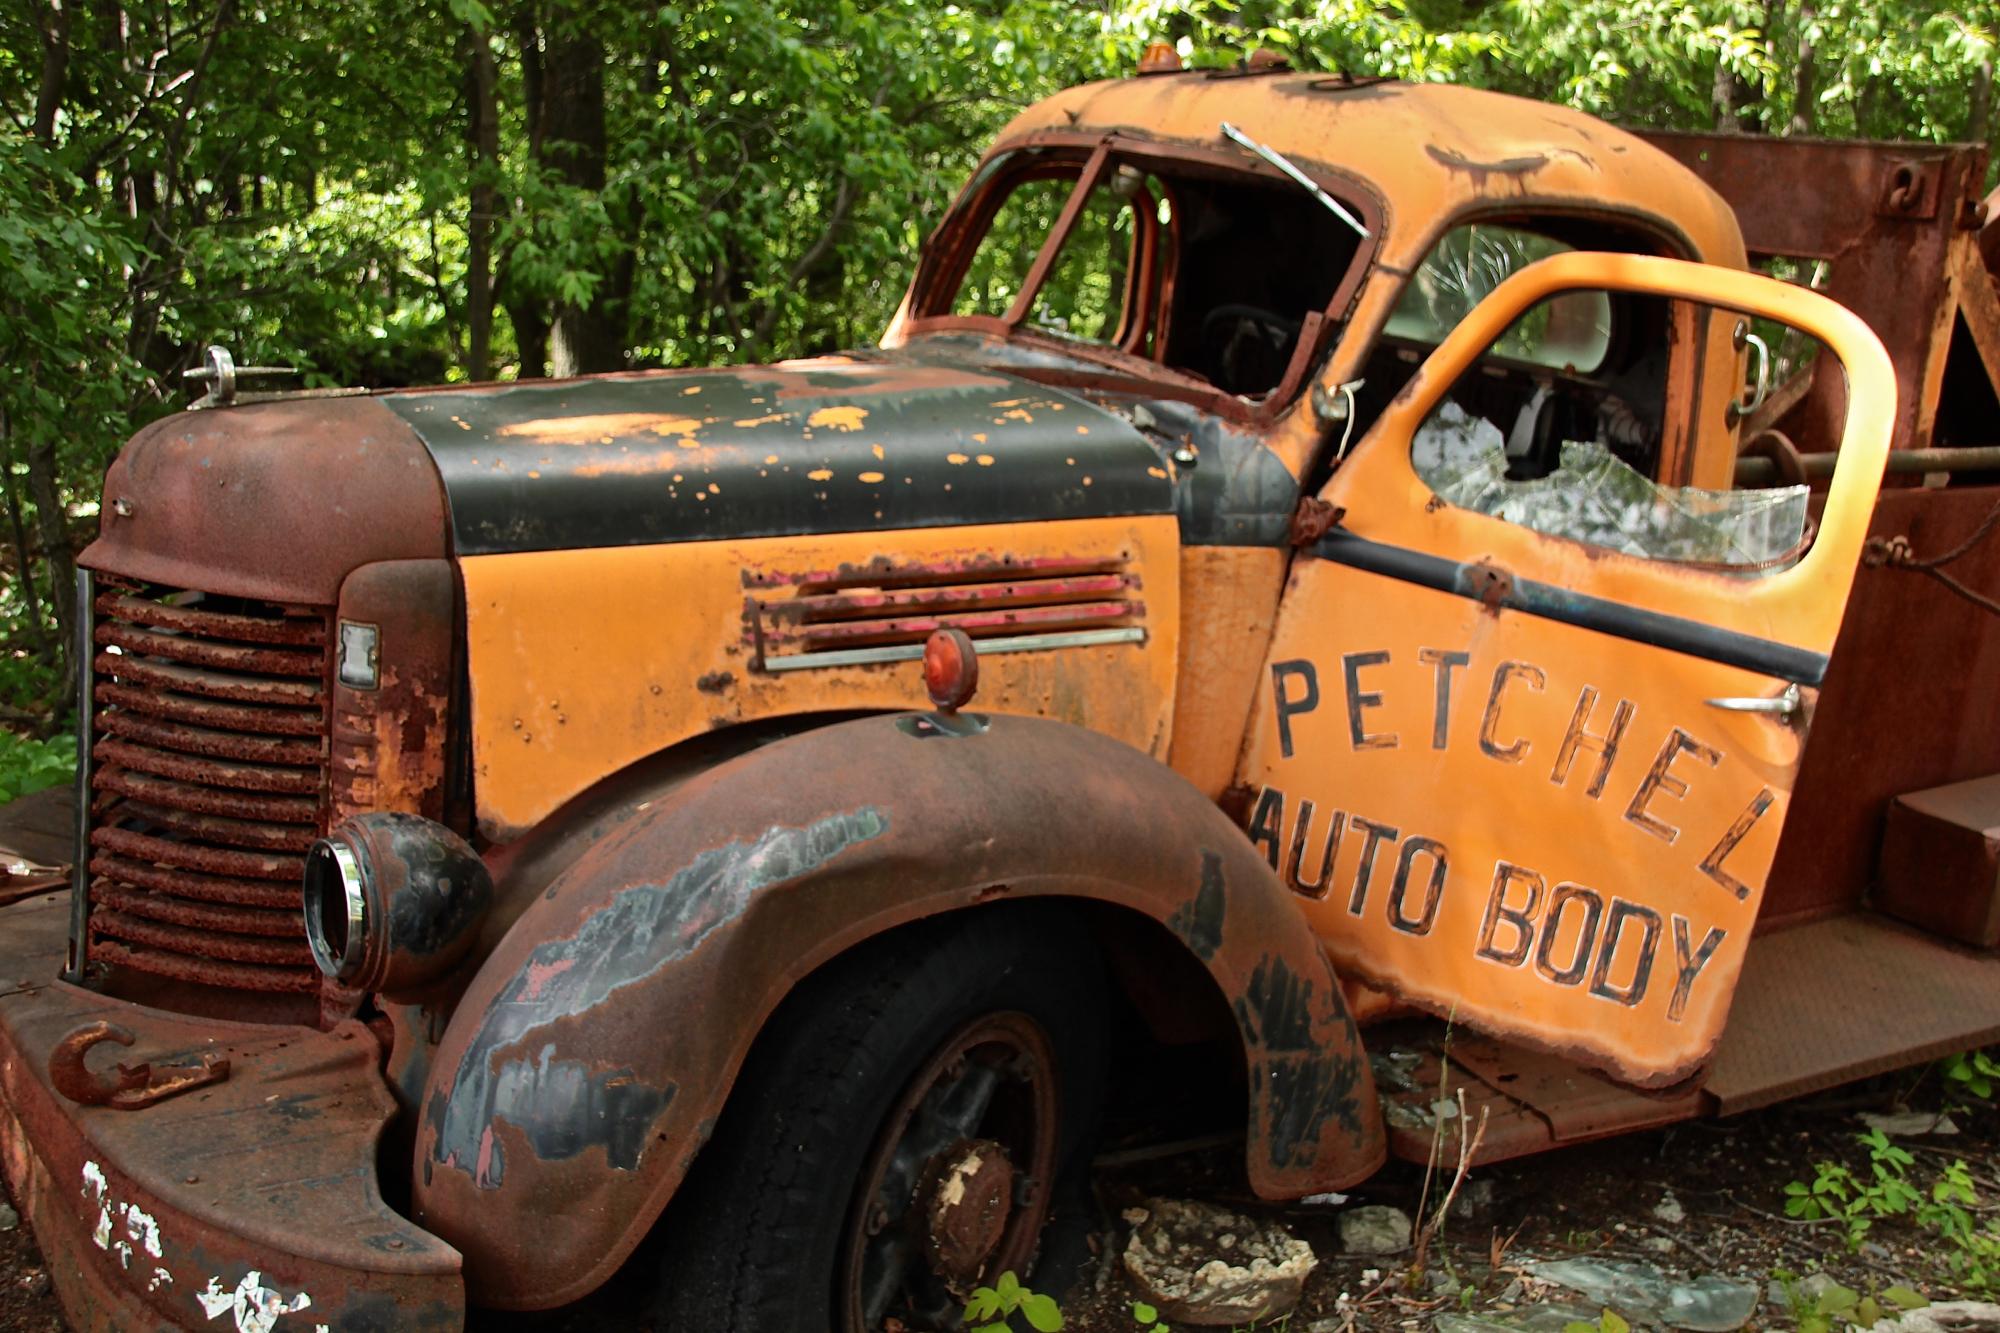 Free Images : truck, motor vehicle, vintage car, derelict, junkyard ...